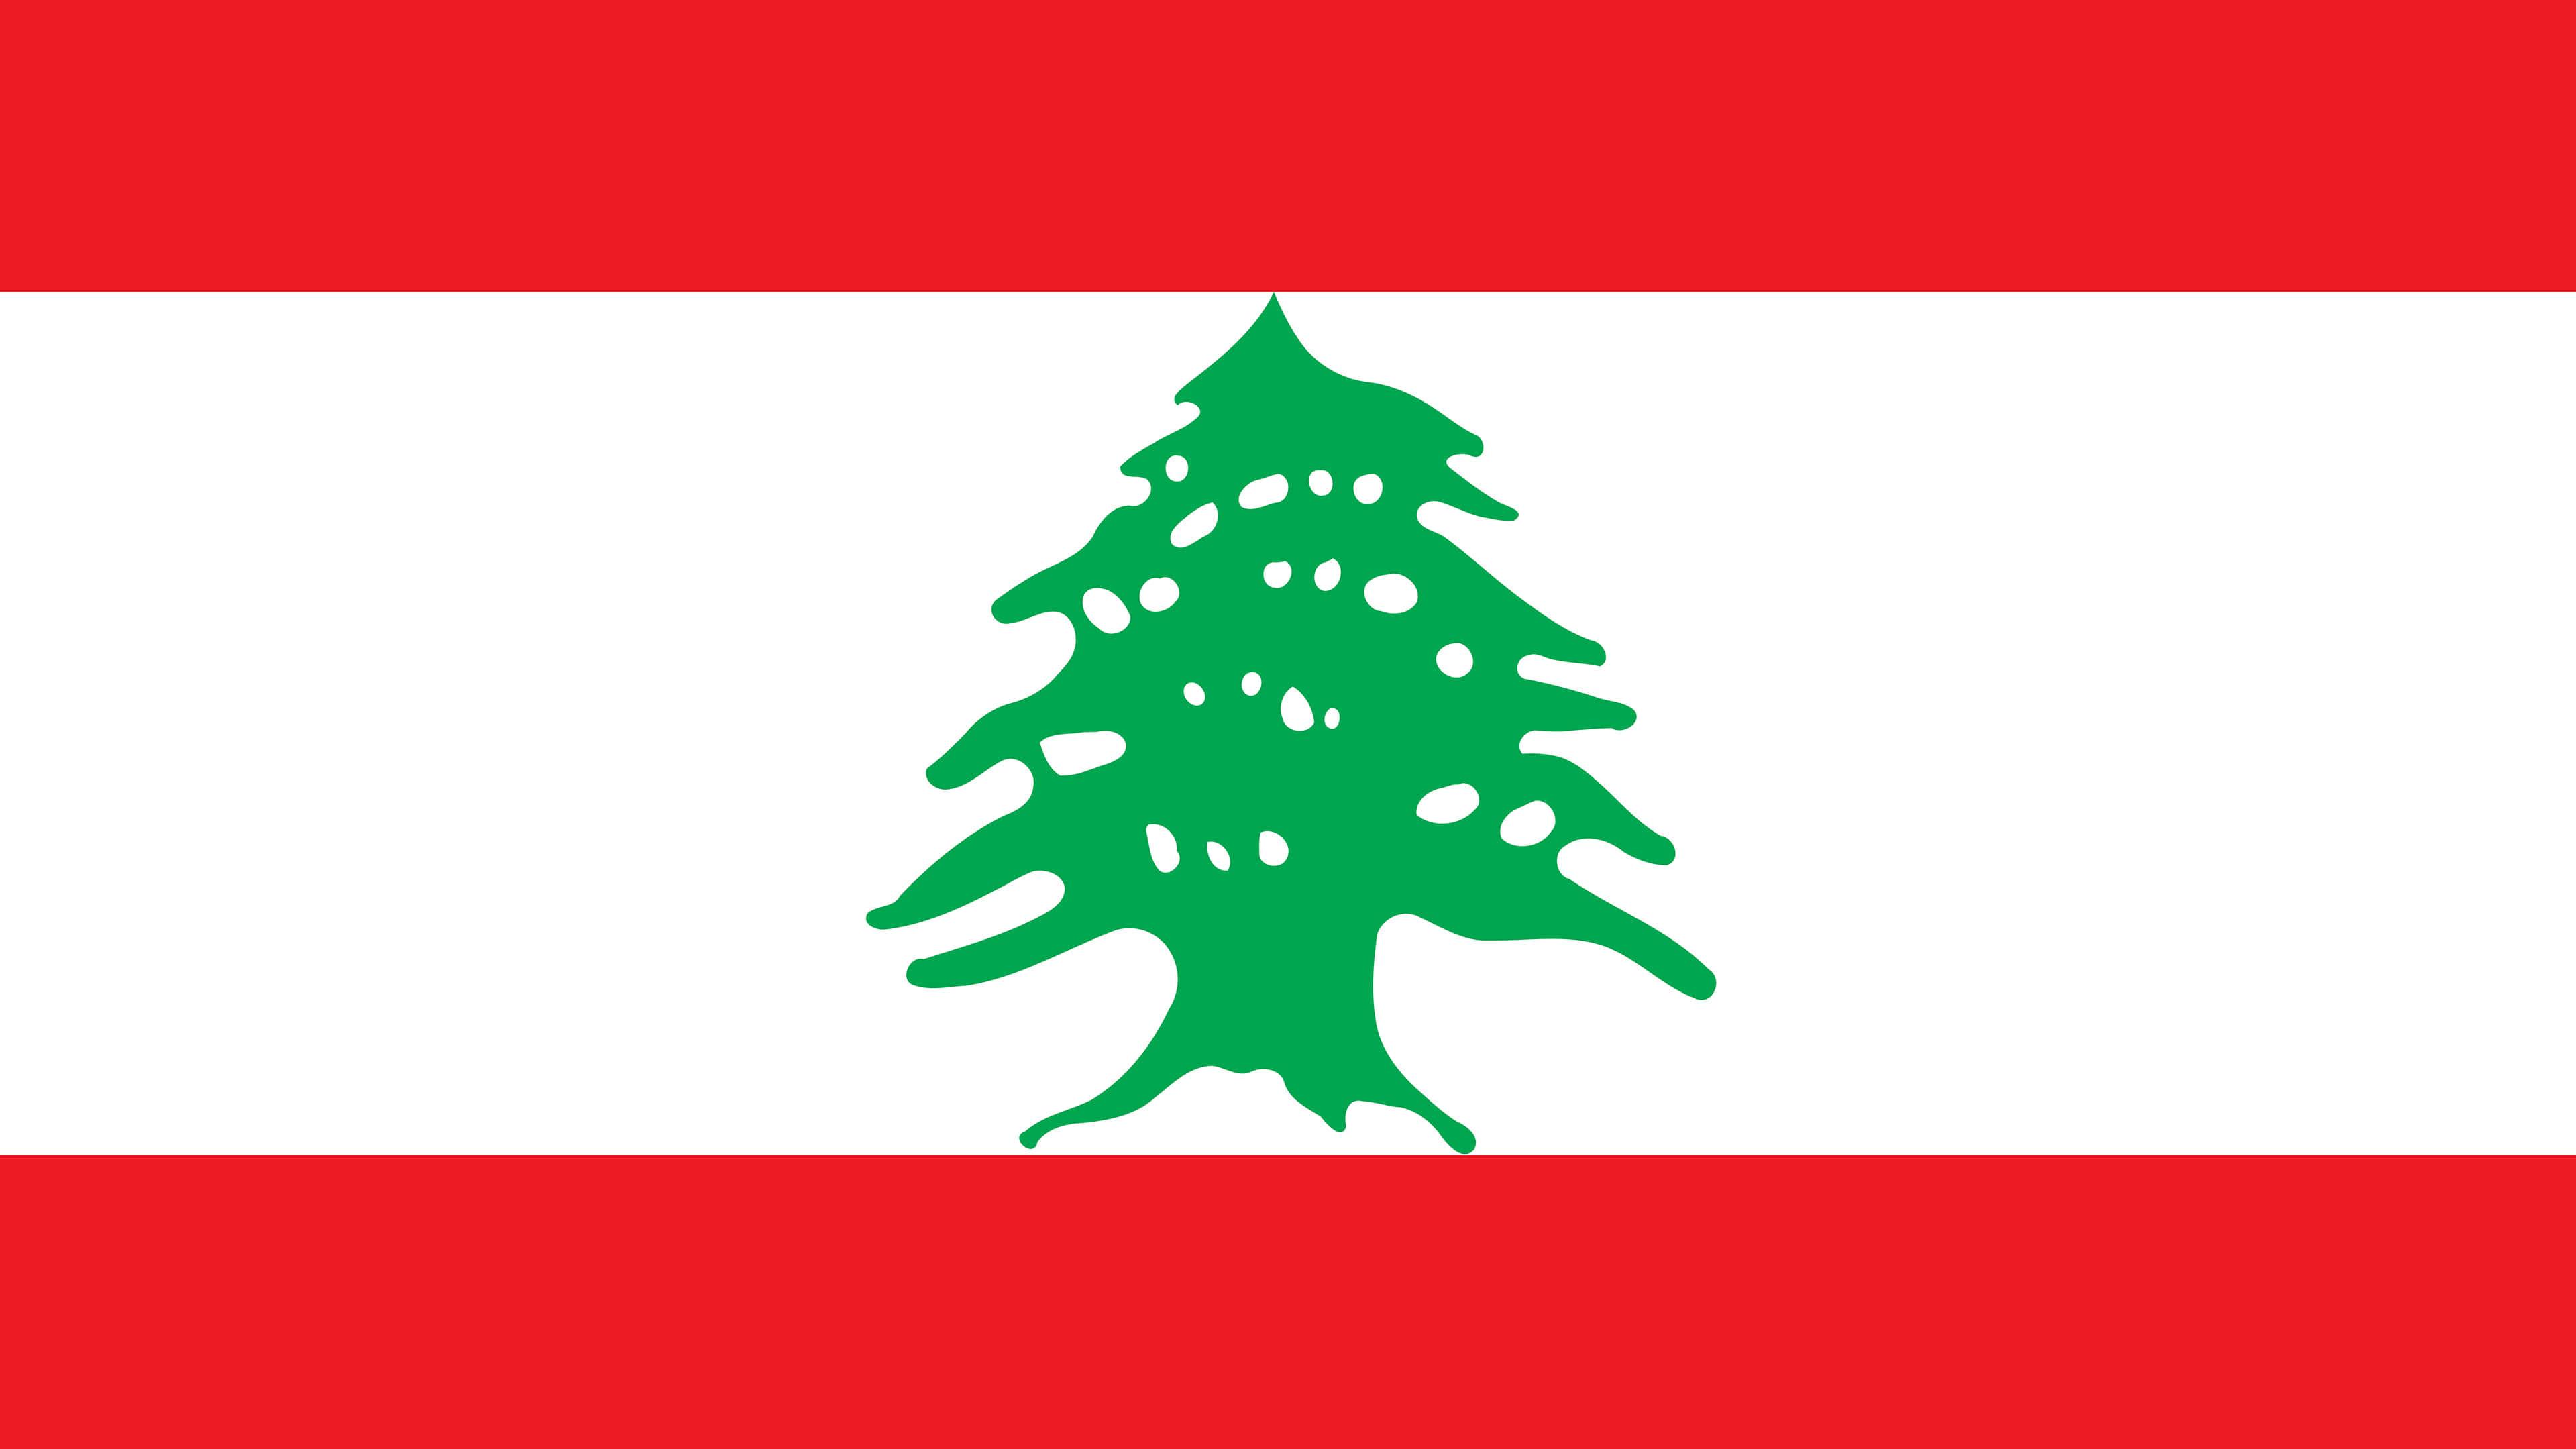 lebanon flag uhd 4k wallpaper